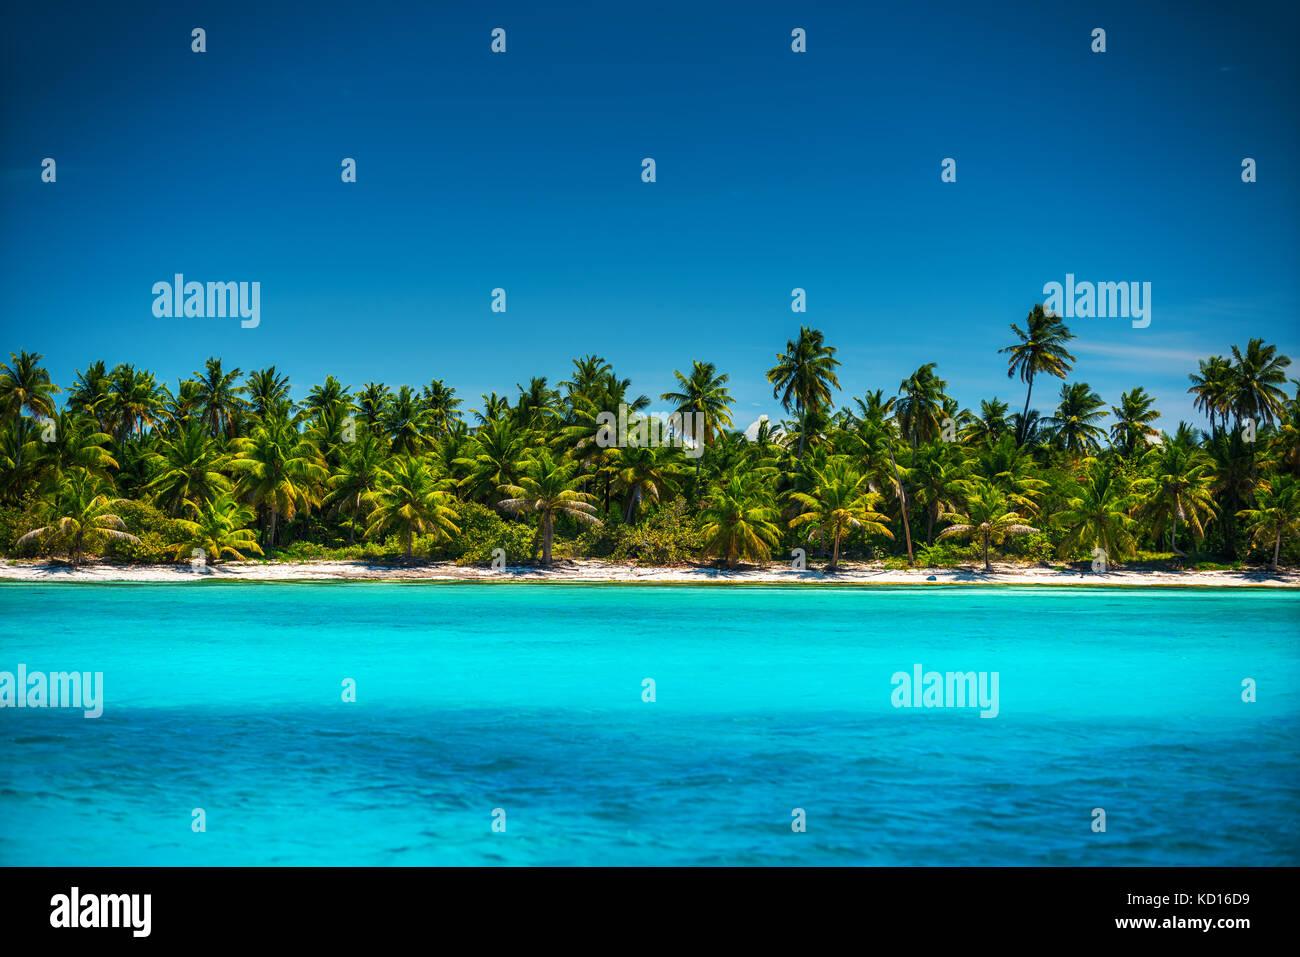 Las palmeras en la playa tropical, República Dominicana Imagen De Stock